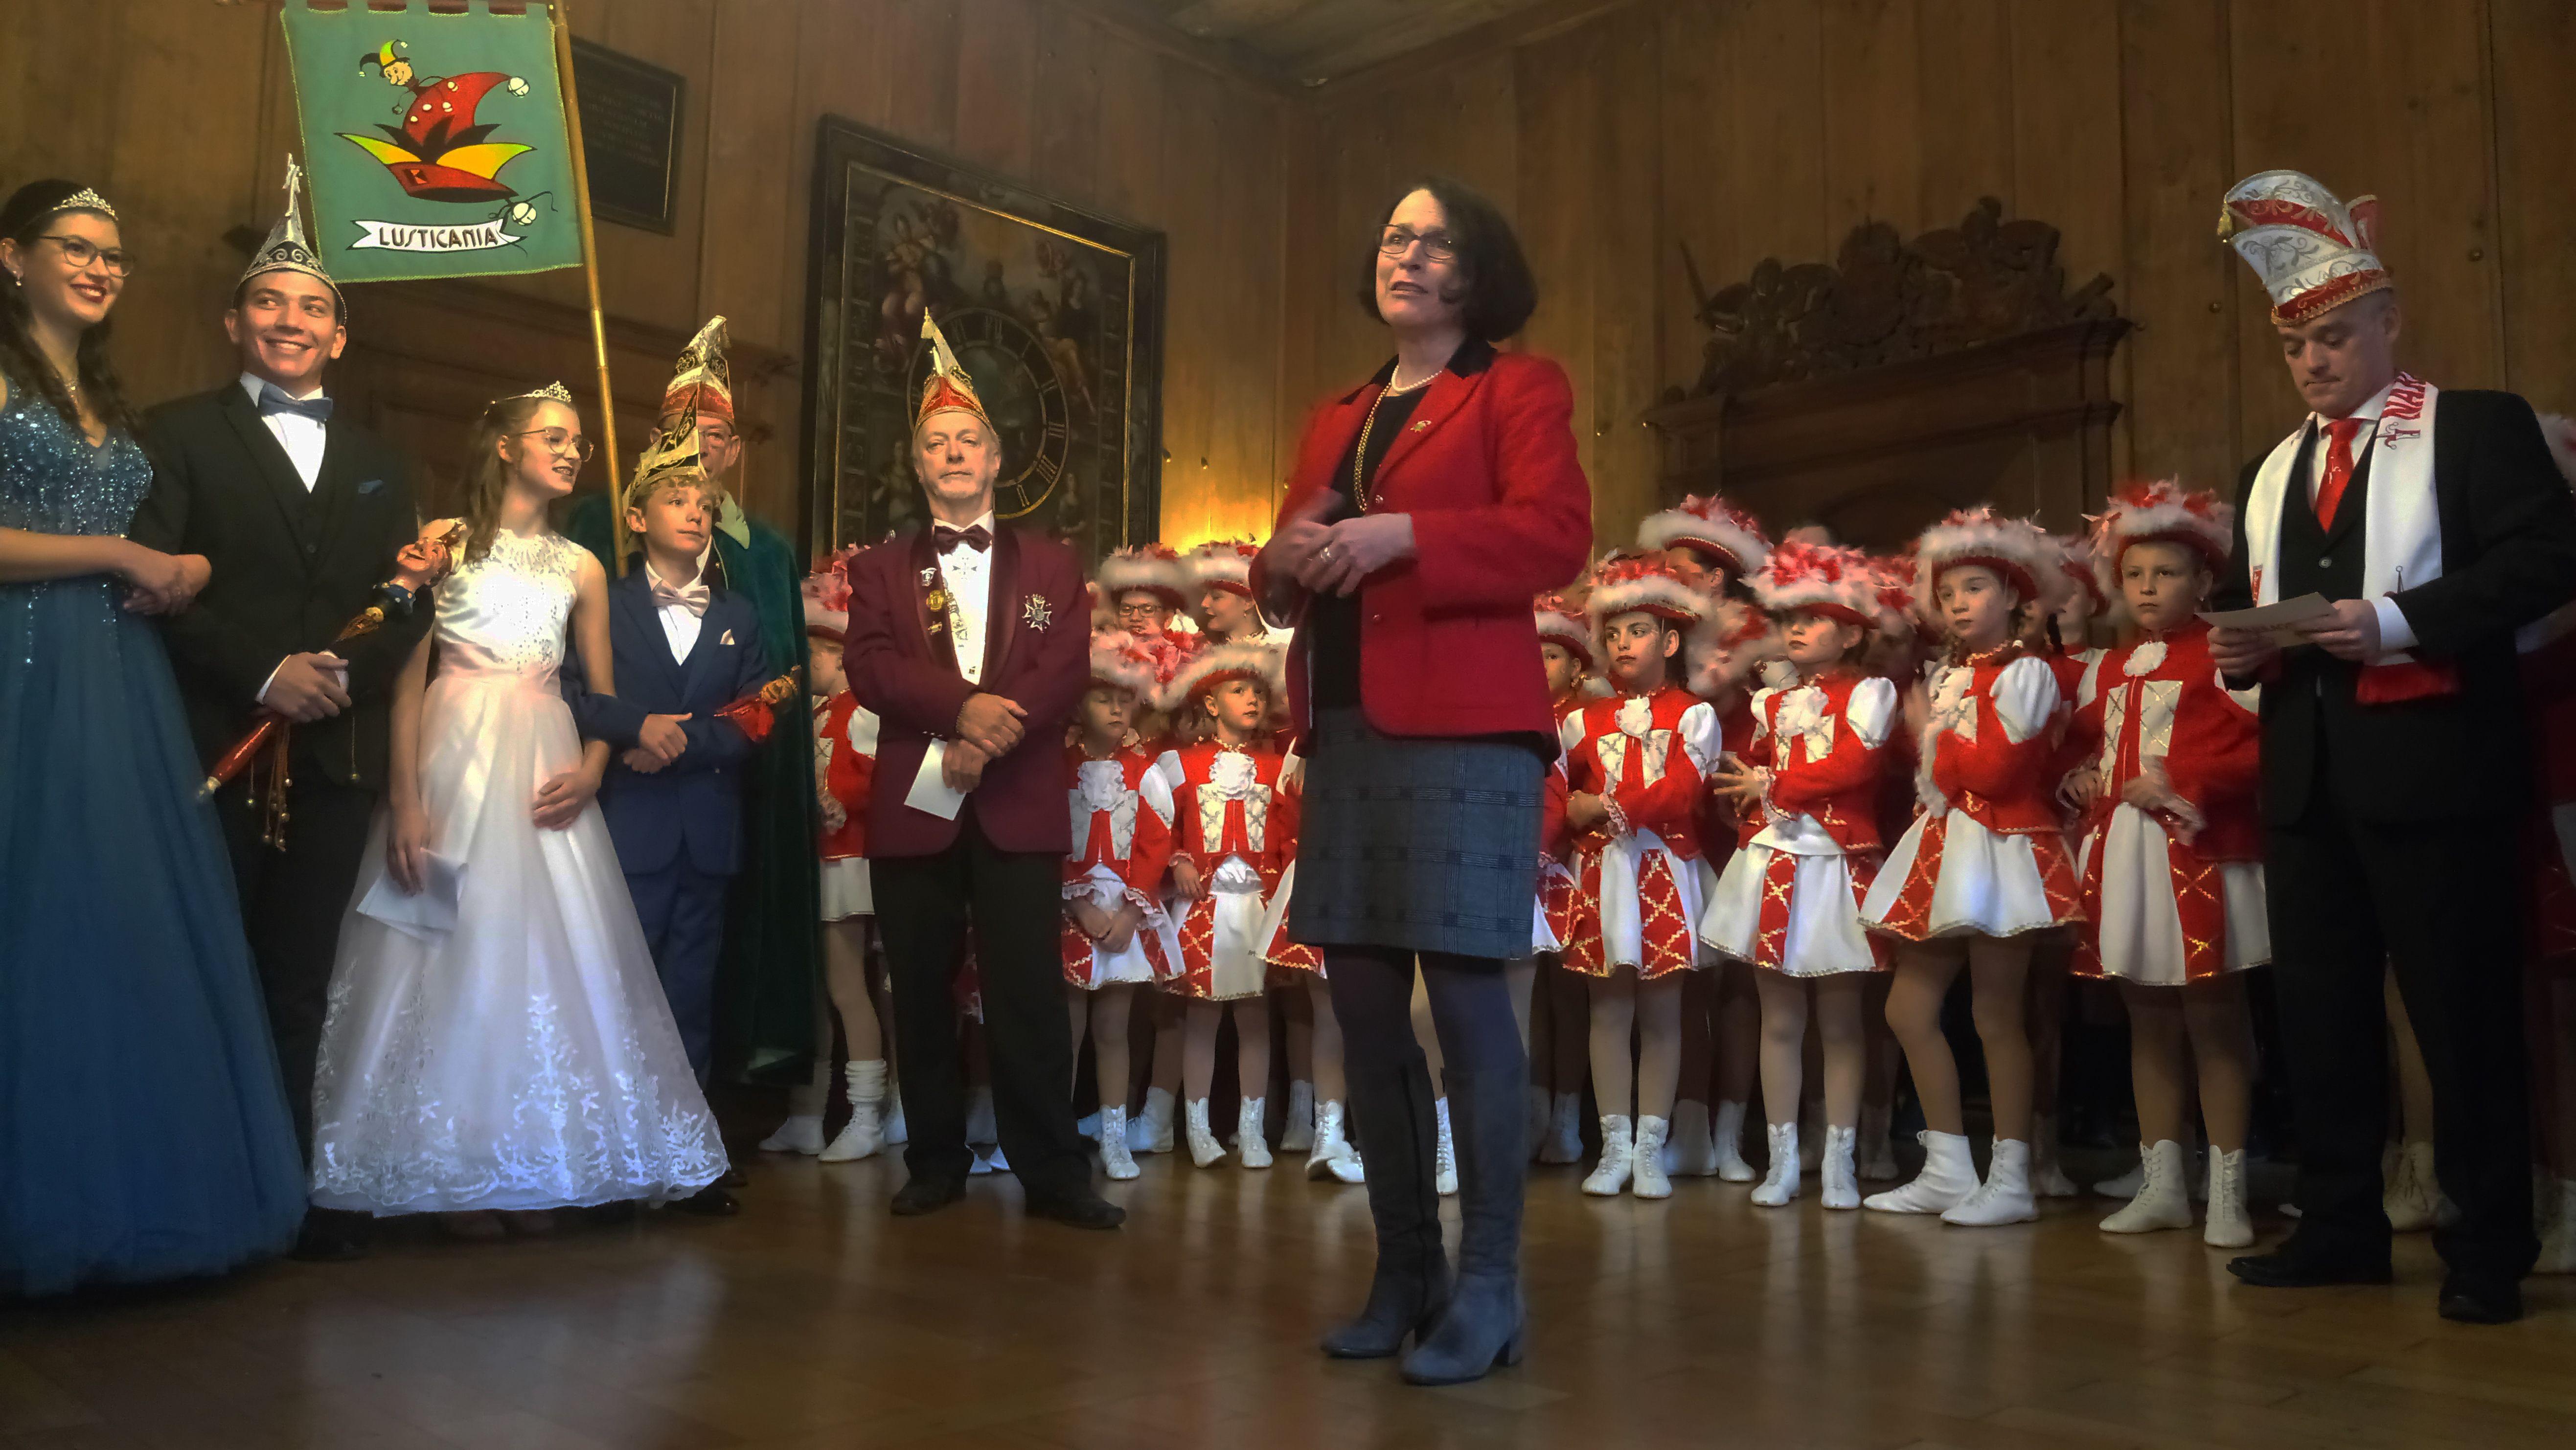 Regensburgs Bürgermeisterin Gertrud Malz-Schwarzfischer umringt von den Tollitäten